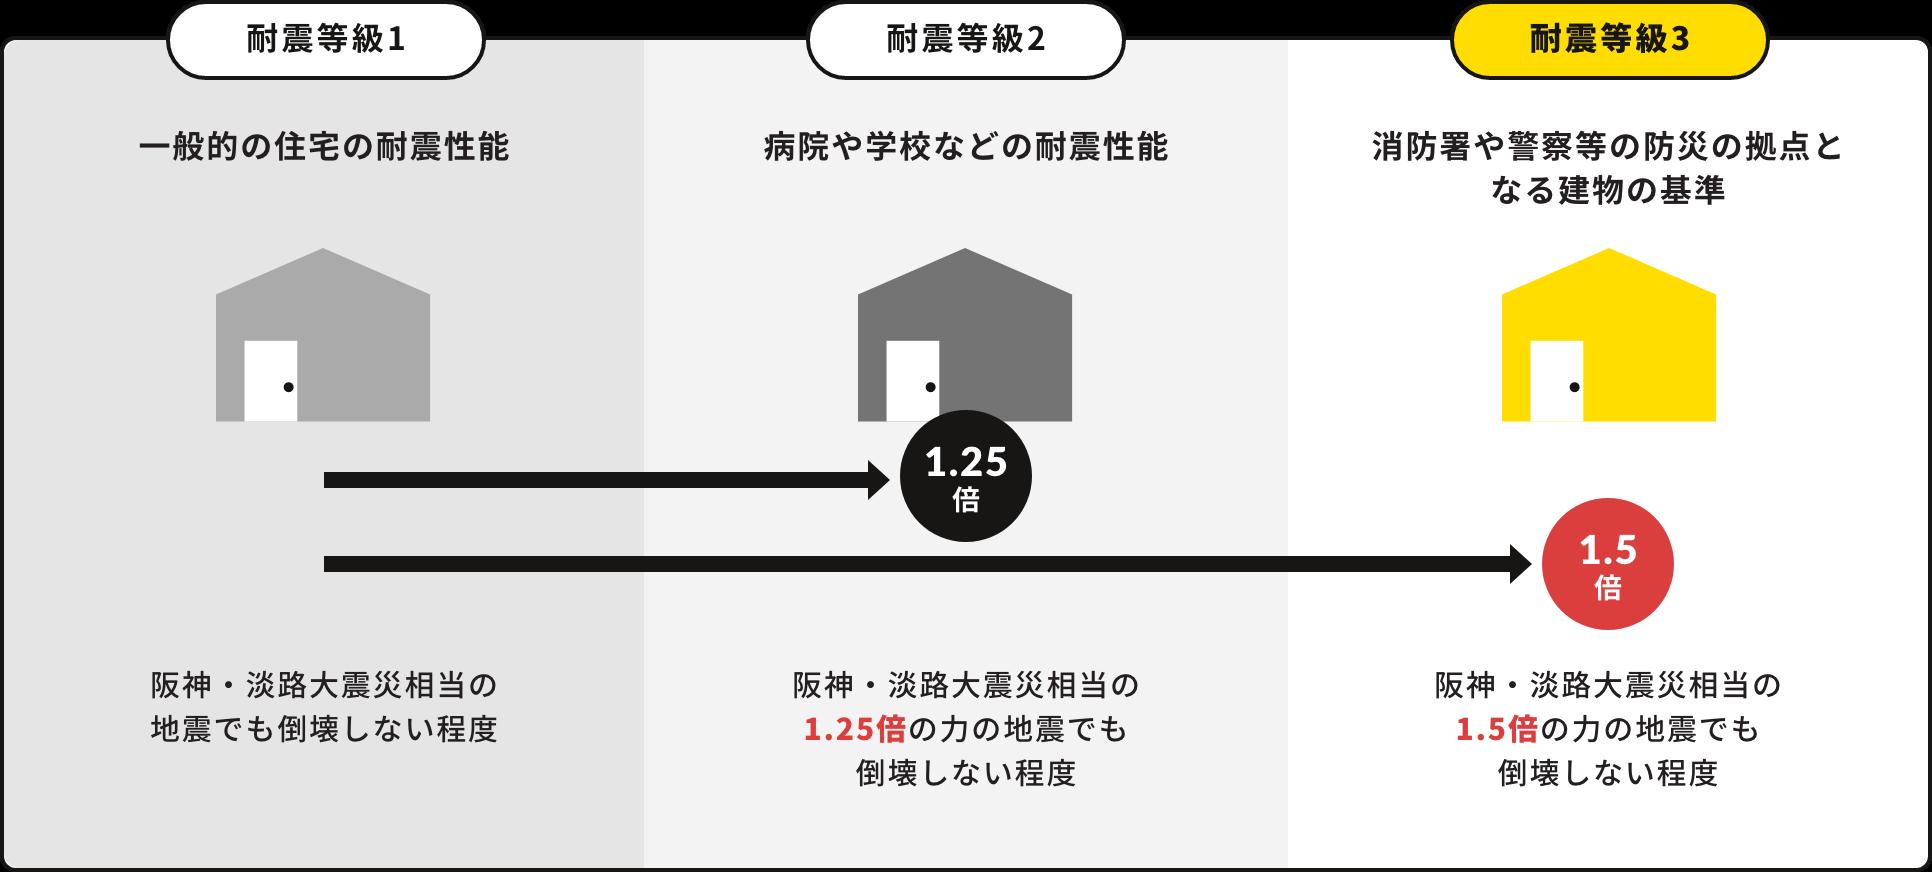 一般住宅の1.5倍。耐震等級3認定